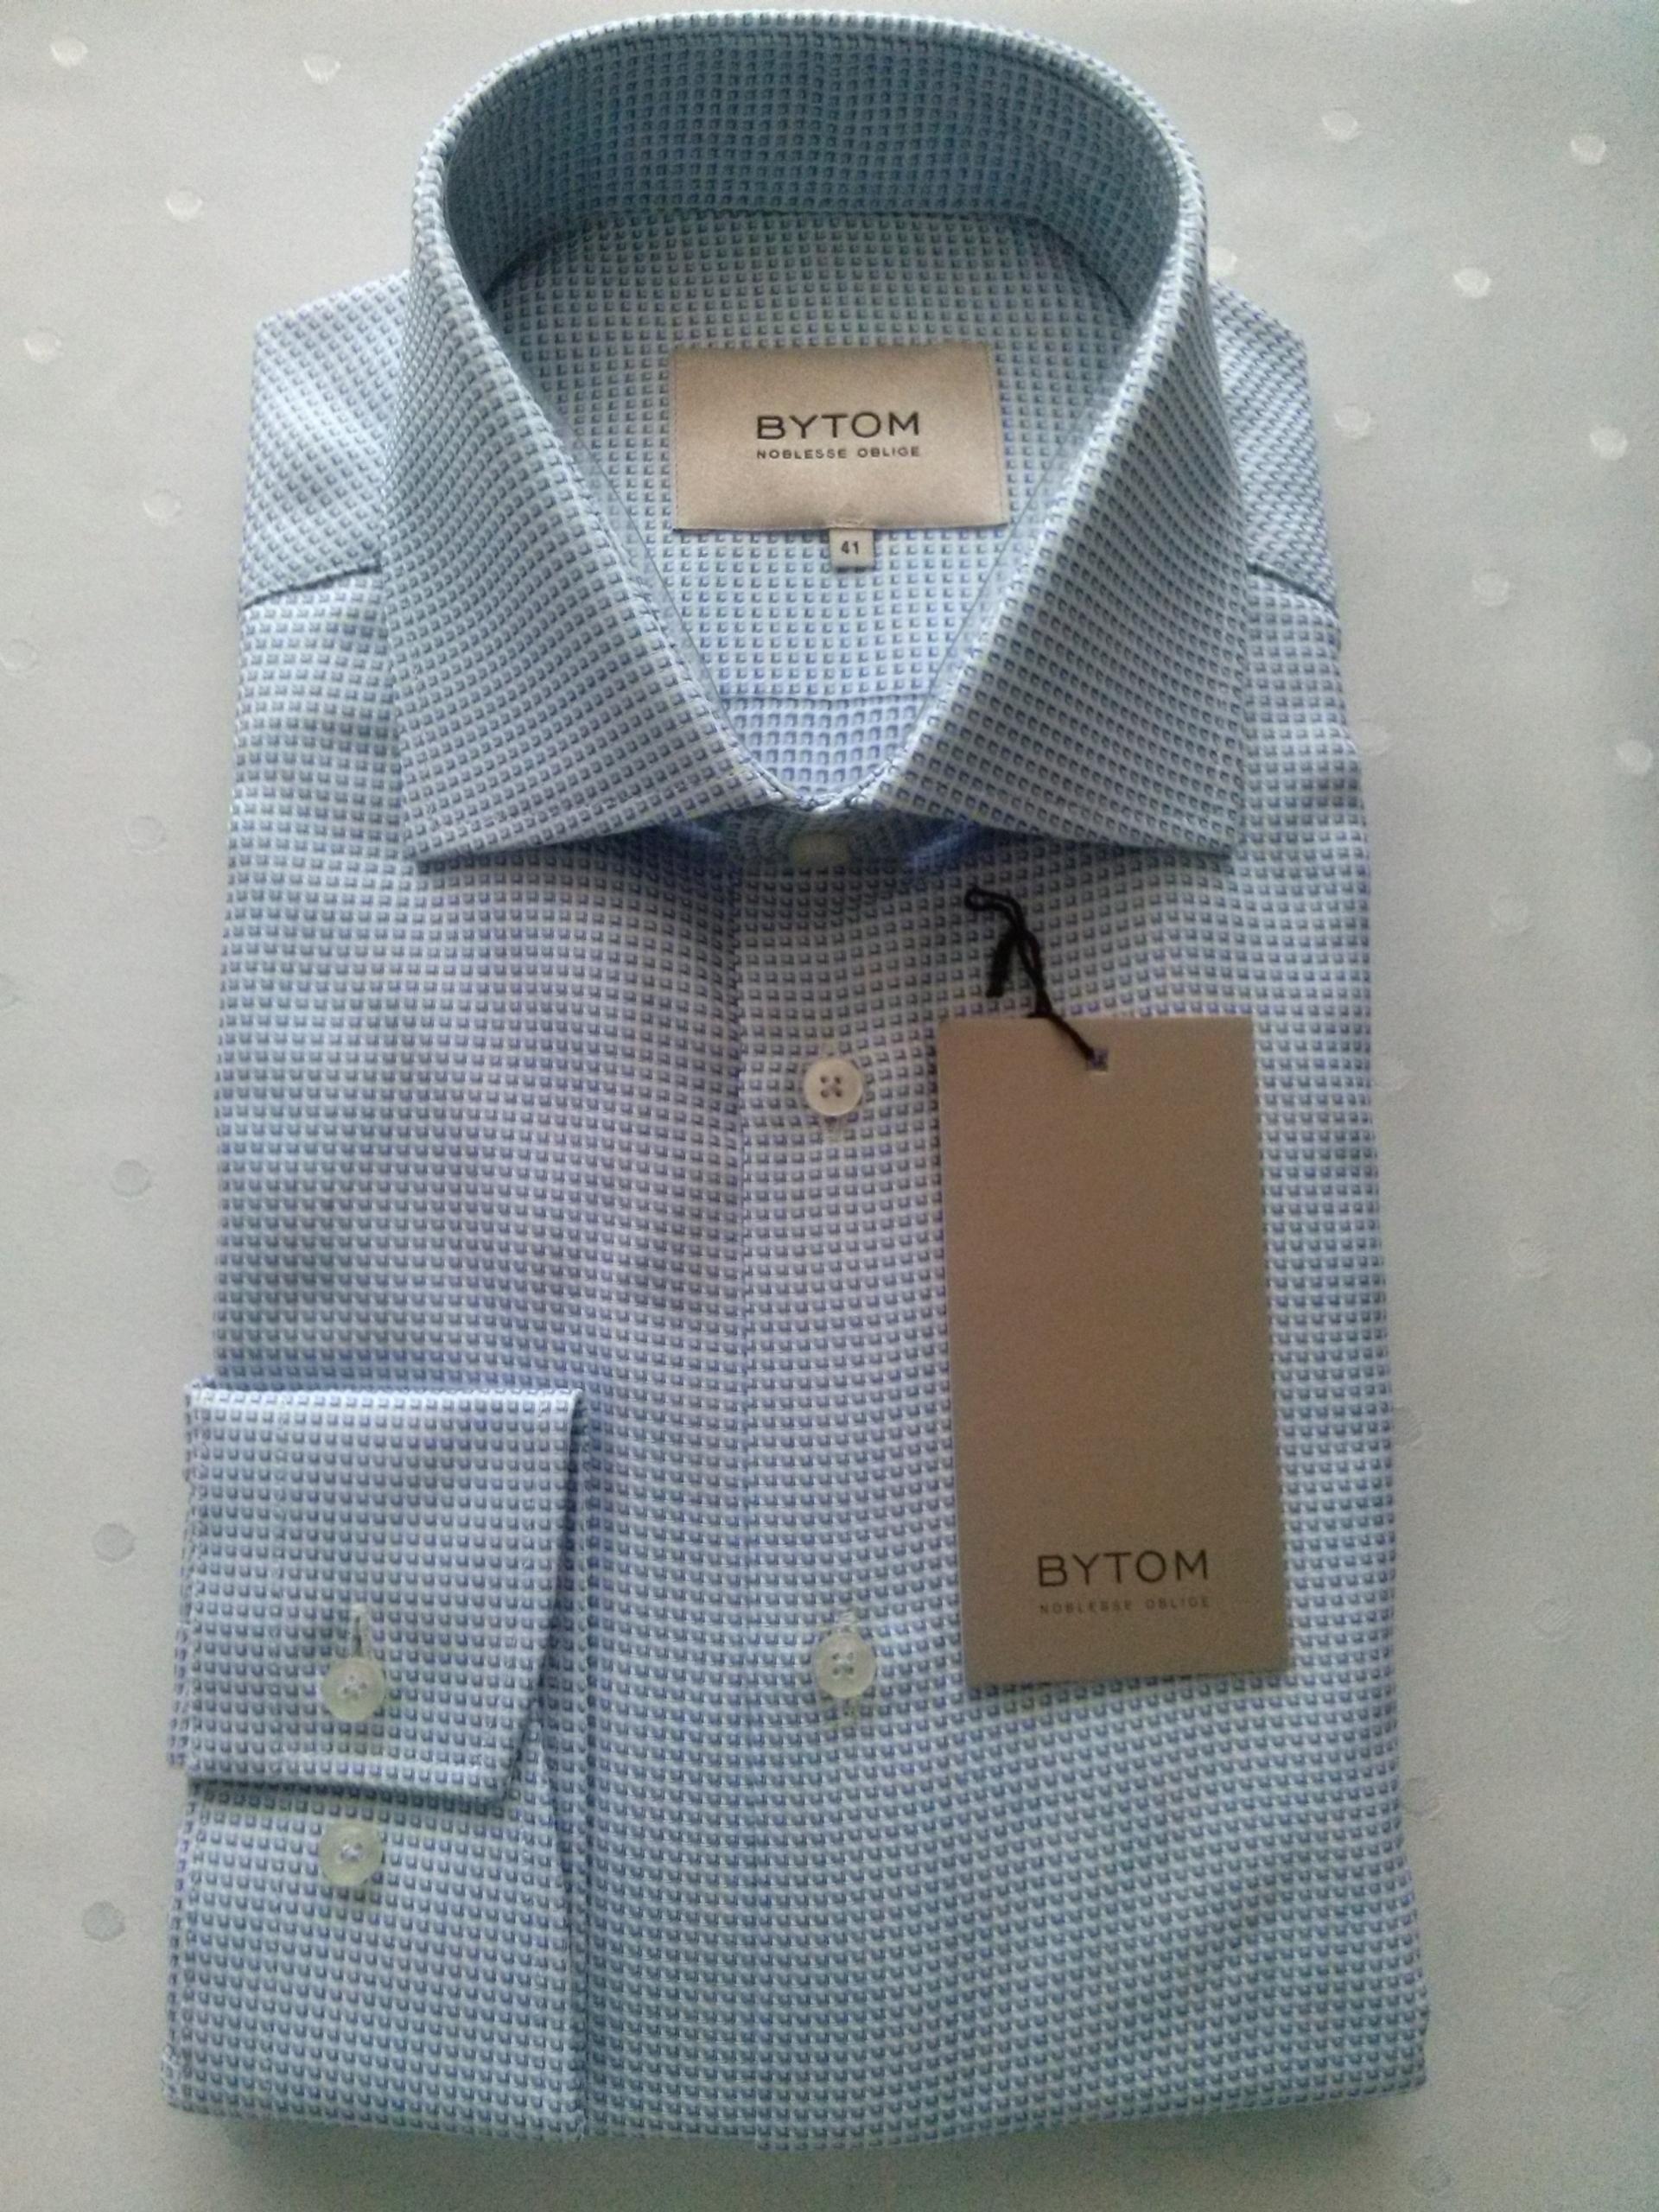 Koszule Bytom cena od 100 cena do 200 Nowy w Oficjalnym  qOmSQ